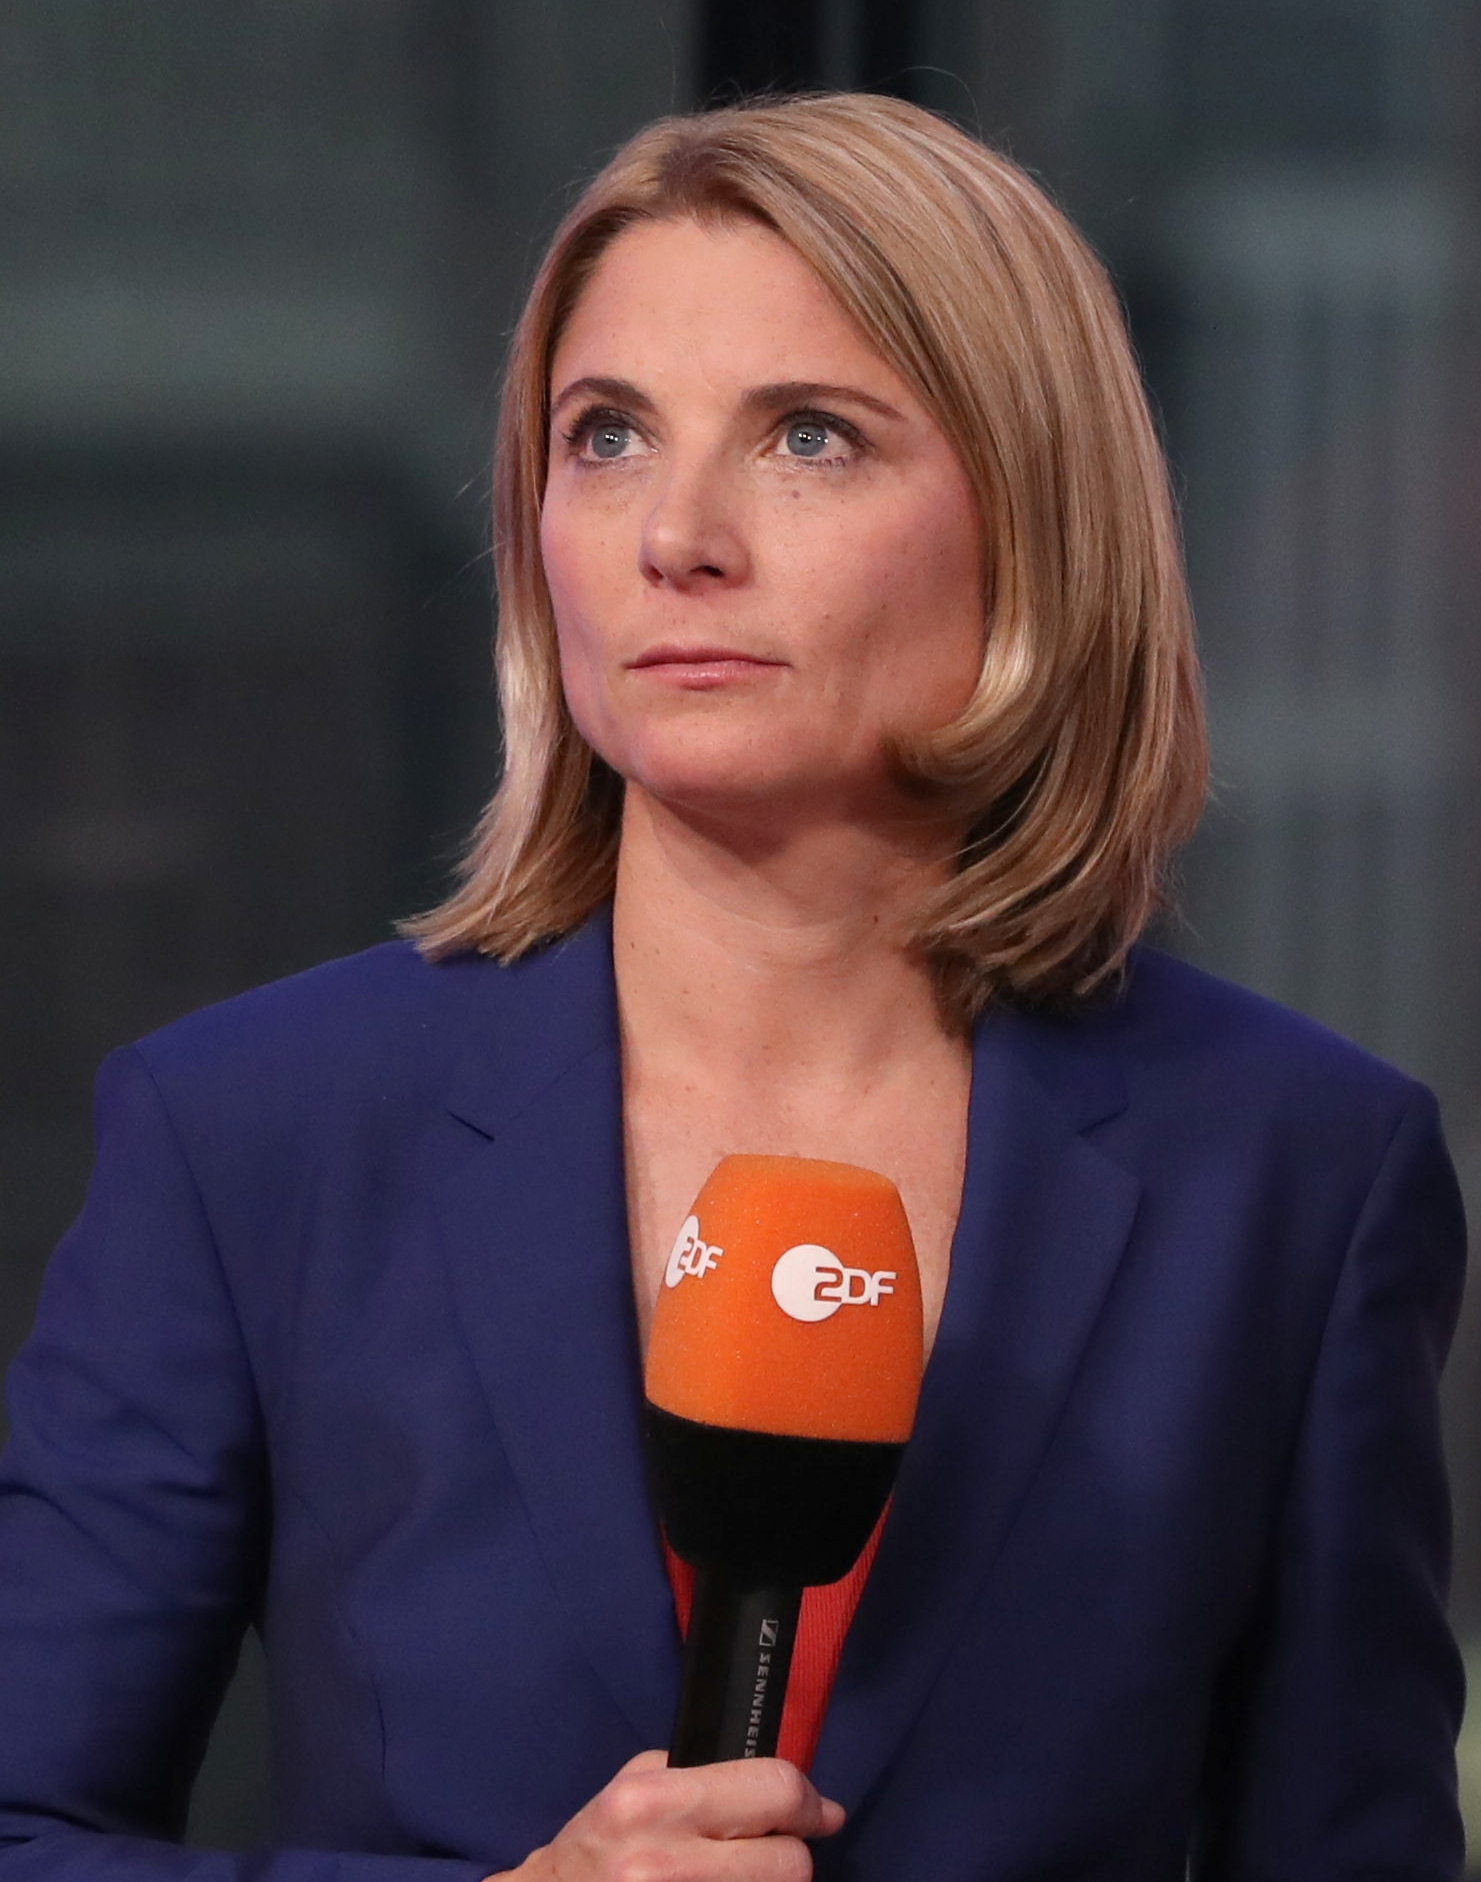 Deutschland moderatorin nackt hallo Lissy Ishag